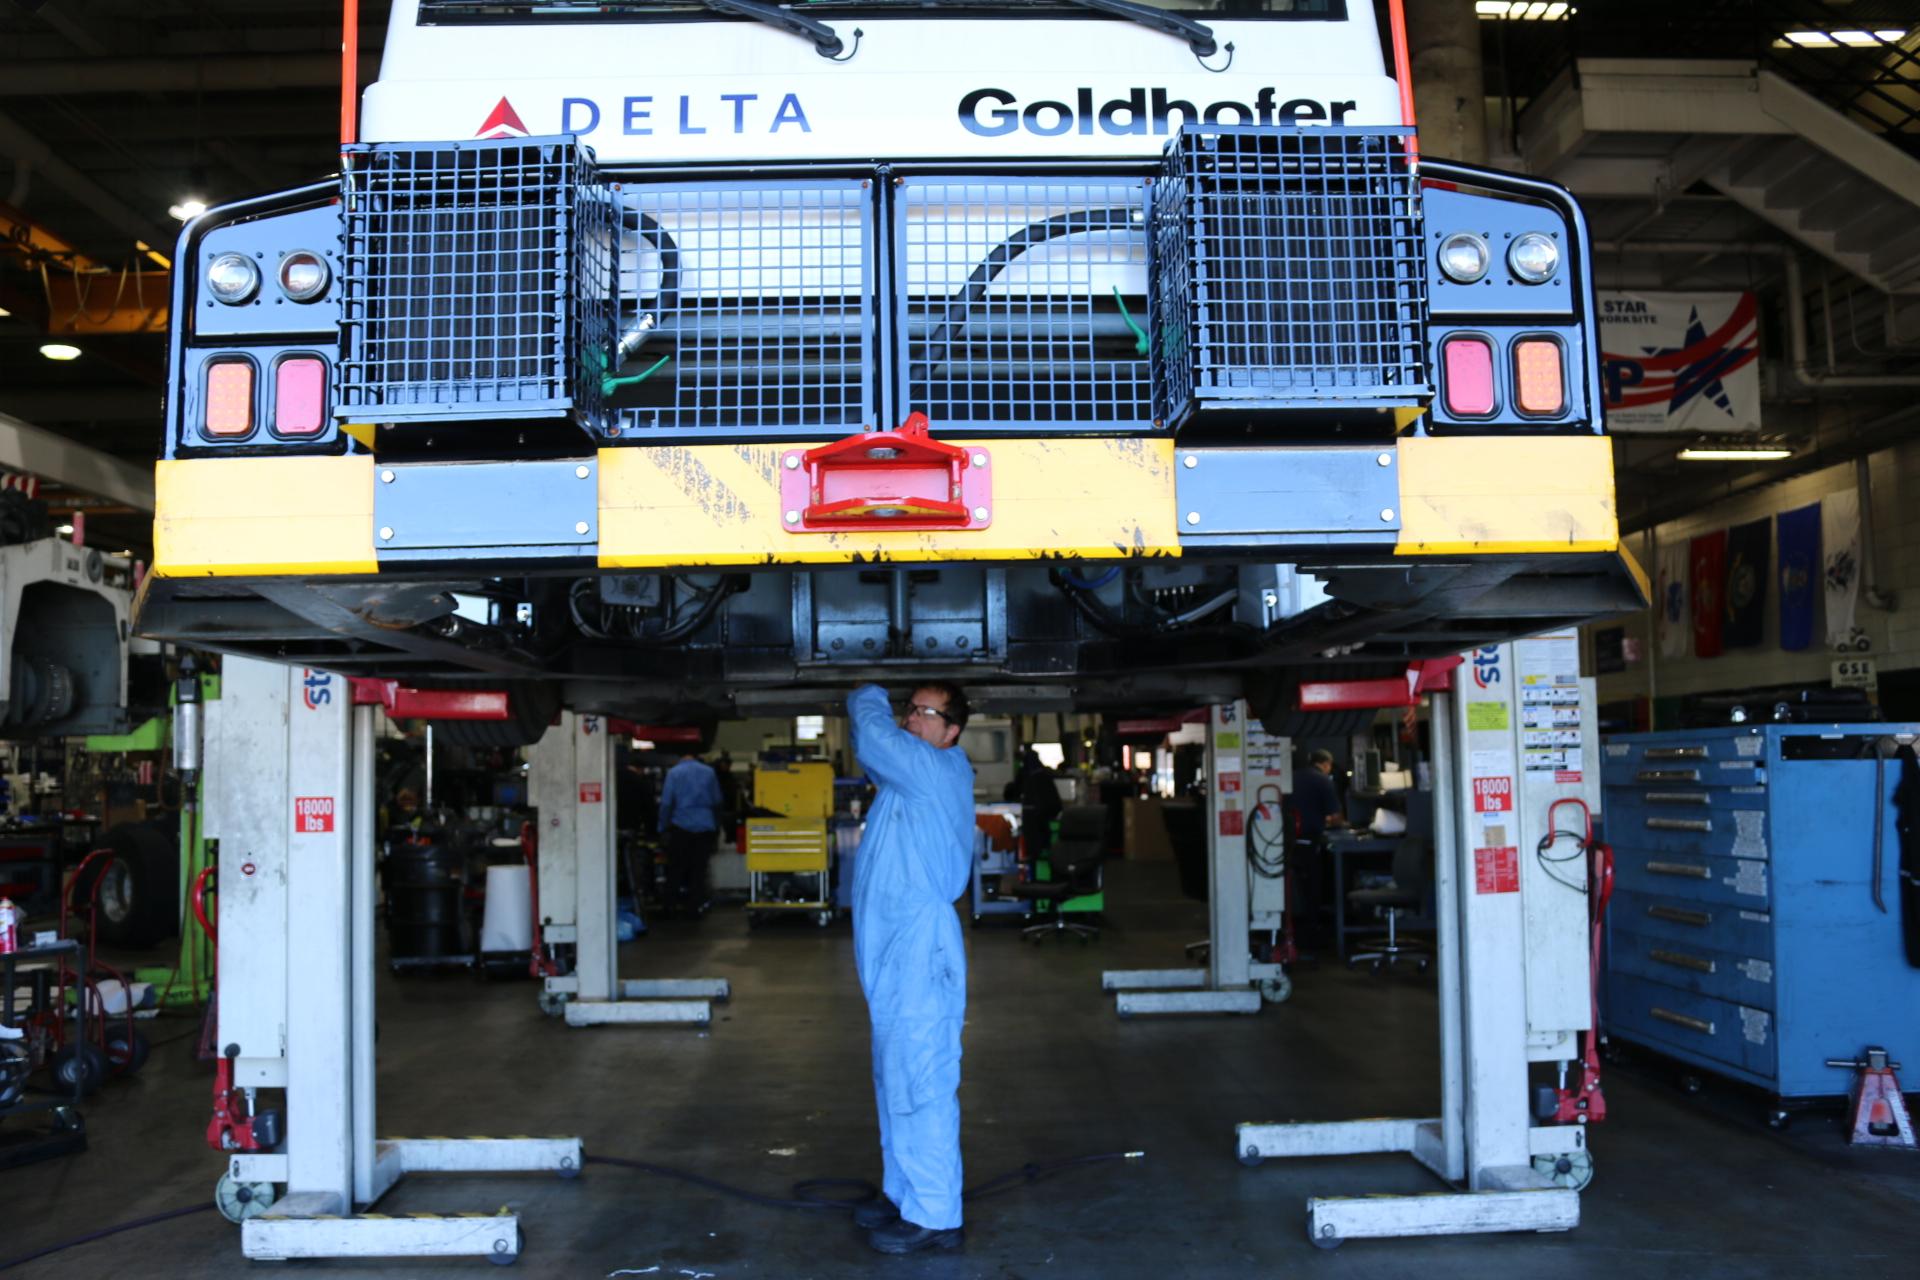 Man standing under ground equipment